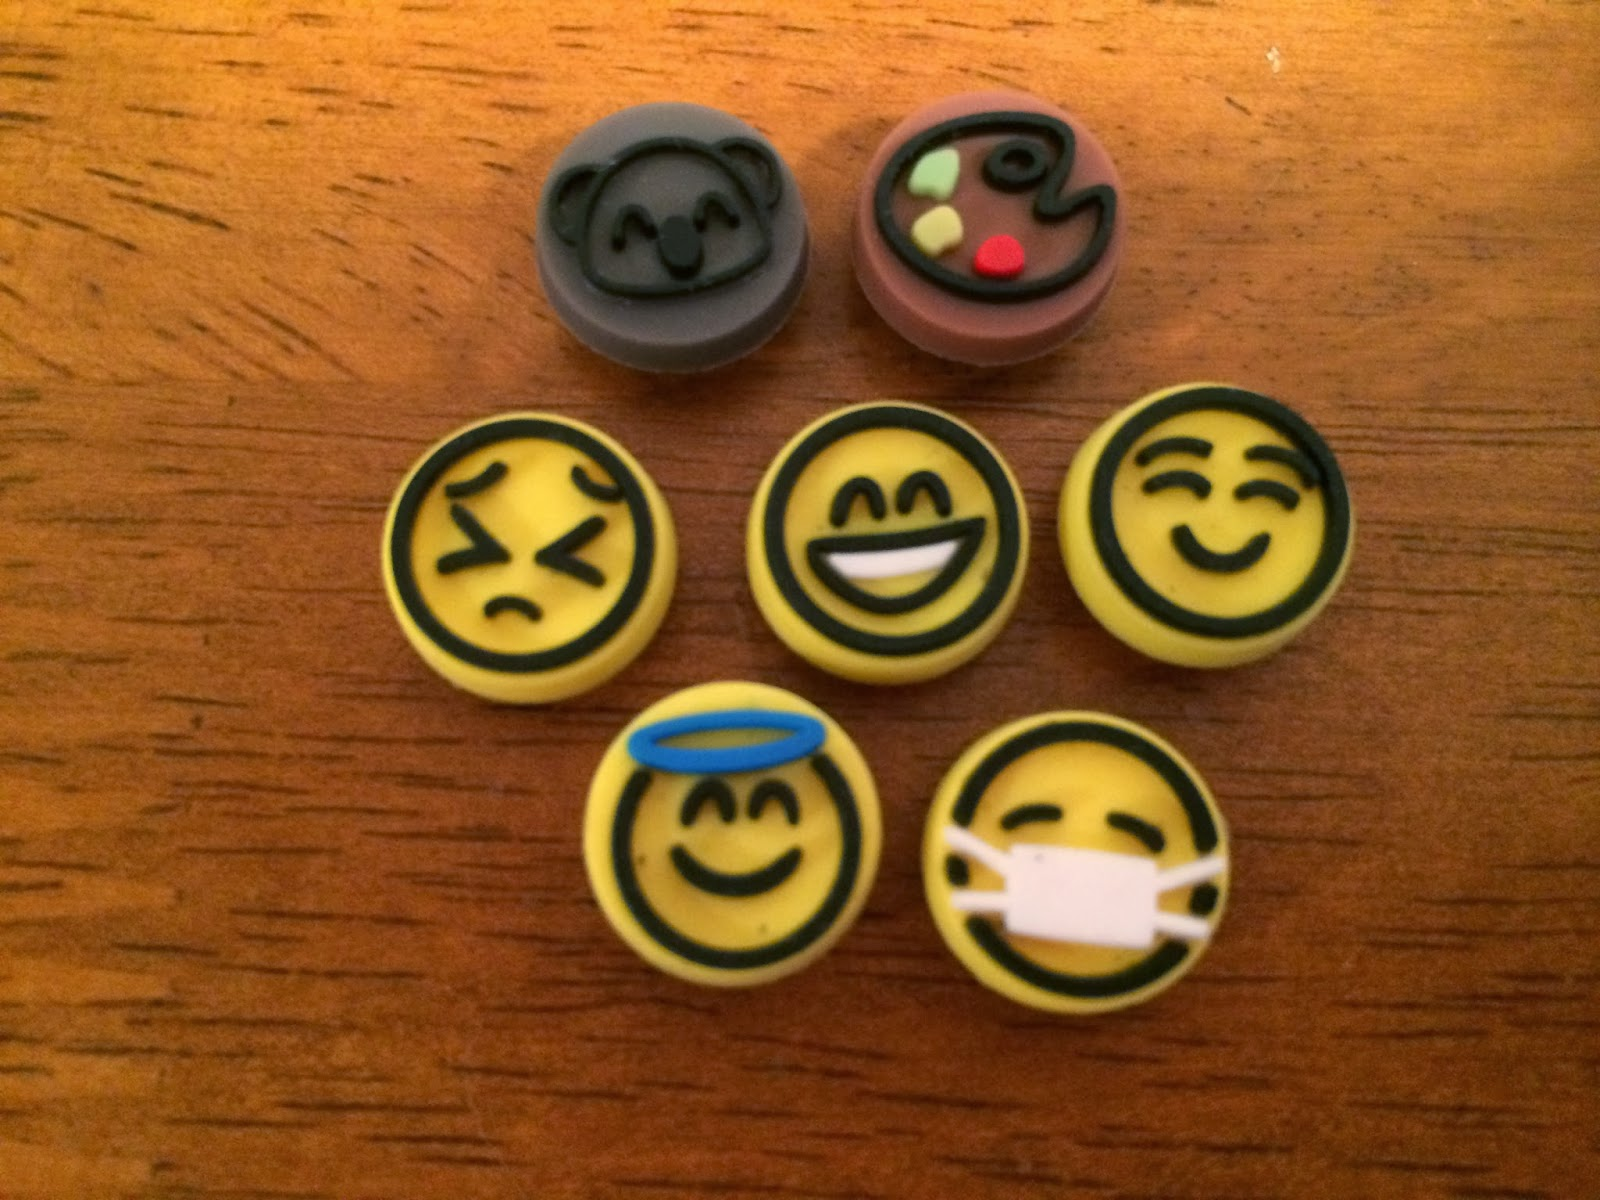 Thanksgiving emoji emoji icons review by